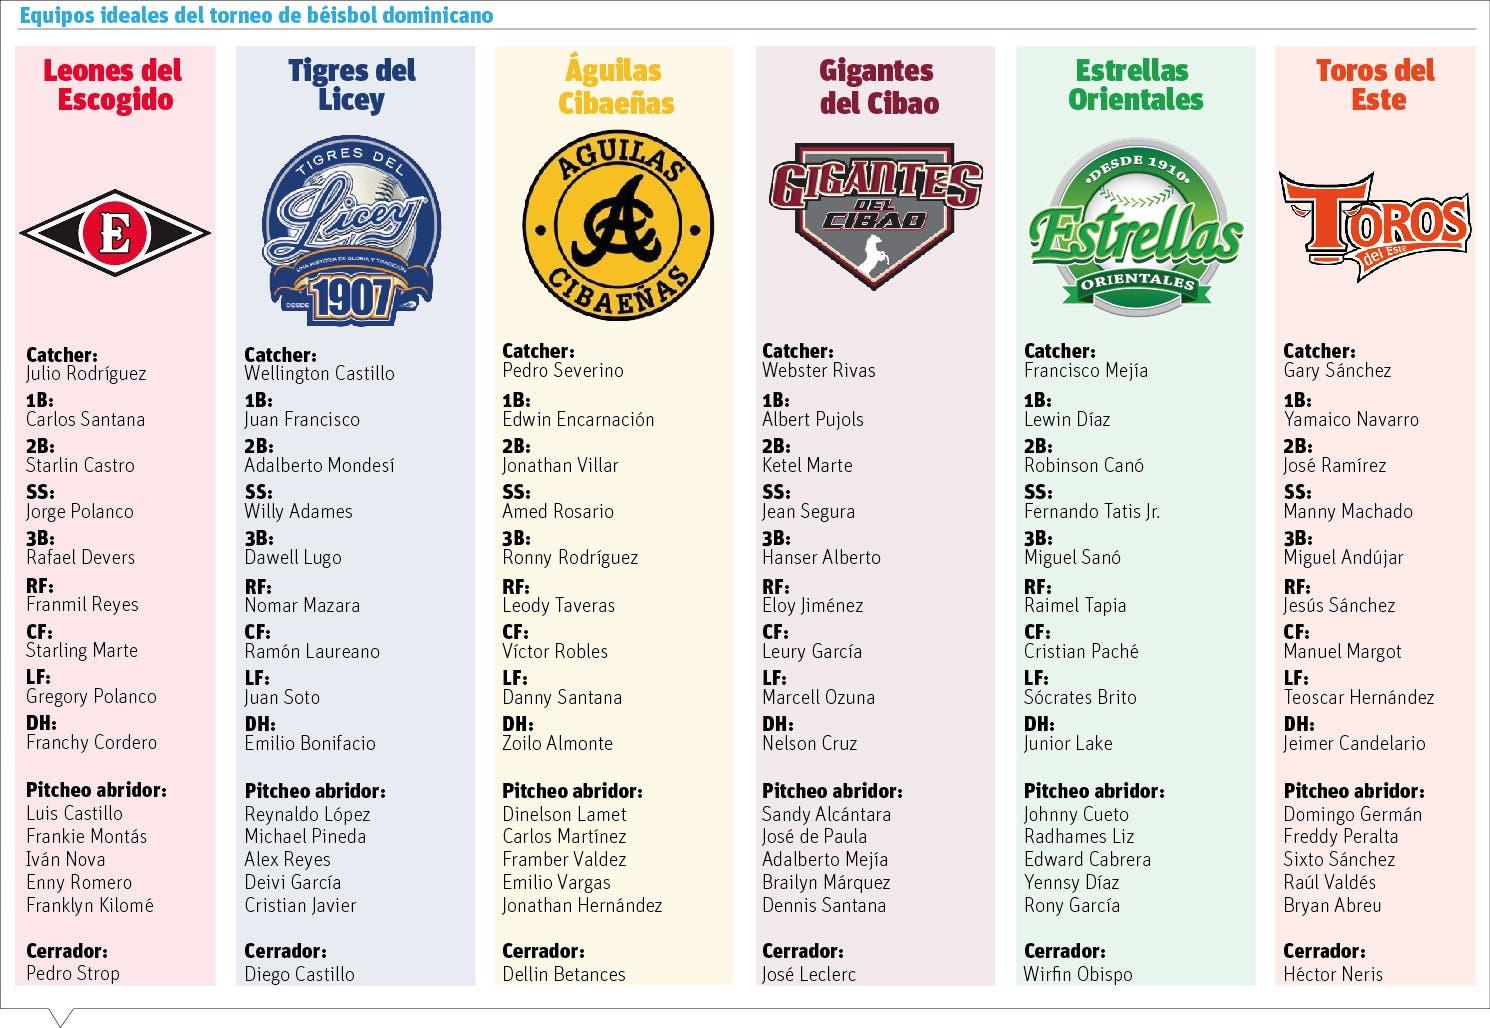 Próximo torneo béisbol se perfila como un manjar para los fanáticos